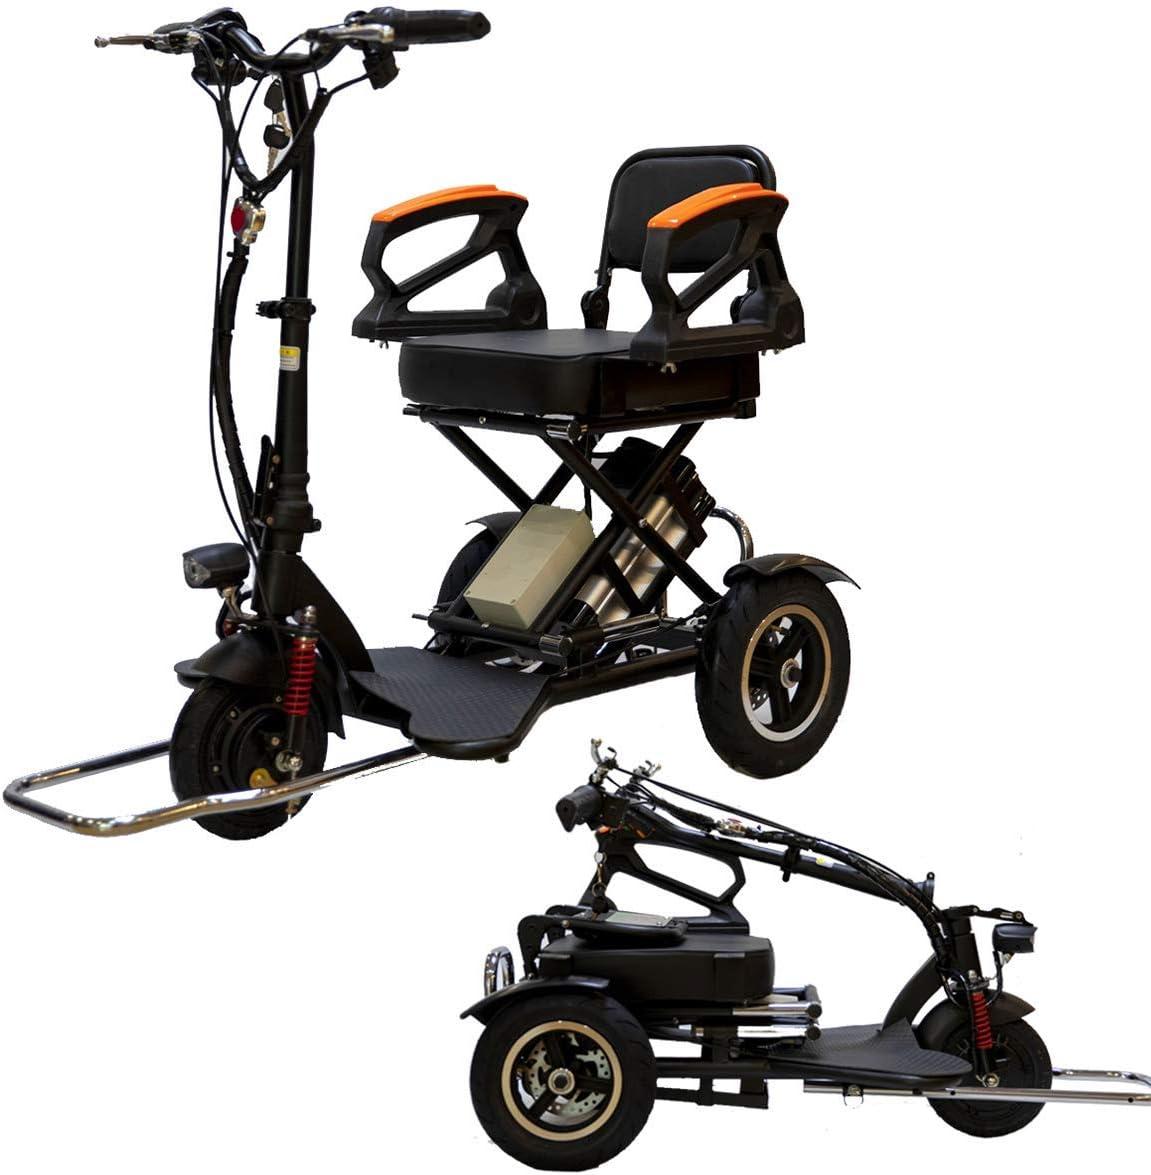 L.HPT Mini Triciclo eléctrico Plegable Scooter eléctrico Adulto Litio portátil para discapacitados Ancianos batería Coche 48V Puede durar 60 km con reposabrazos de Seguridad Negro